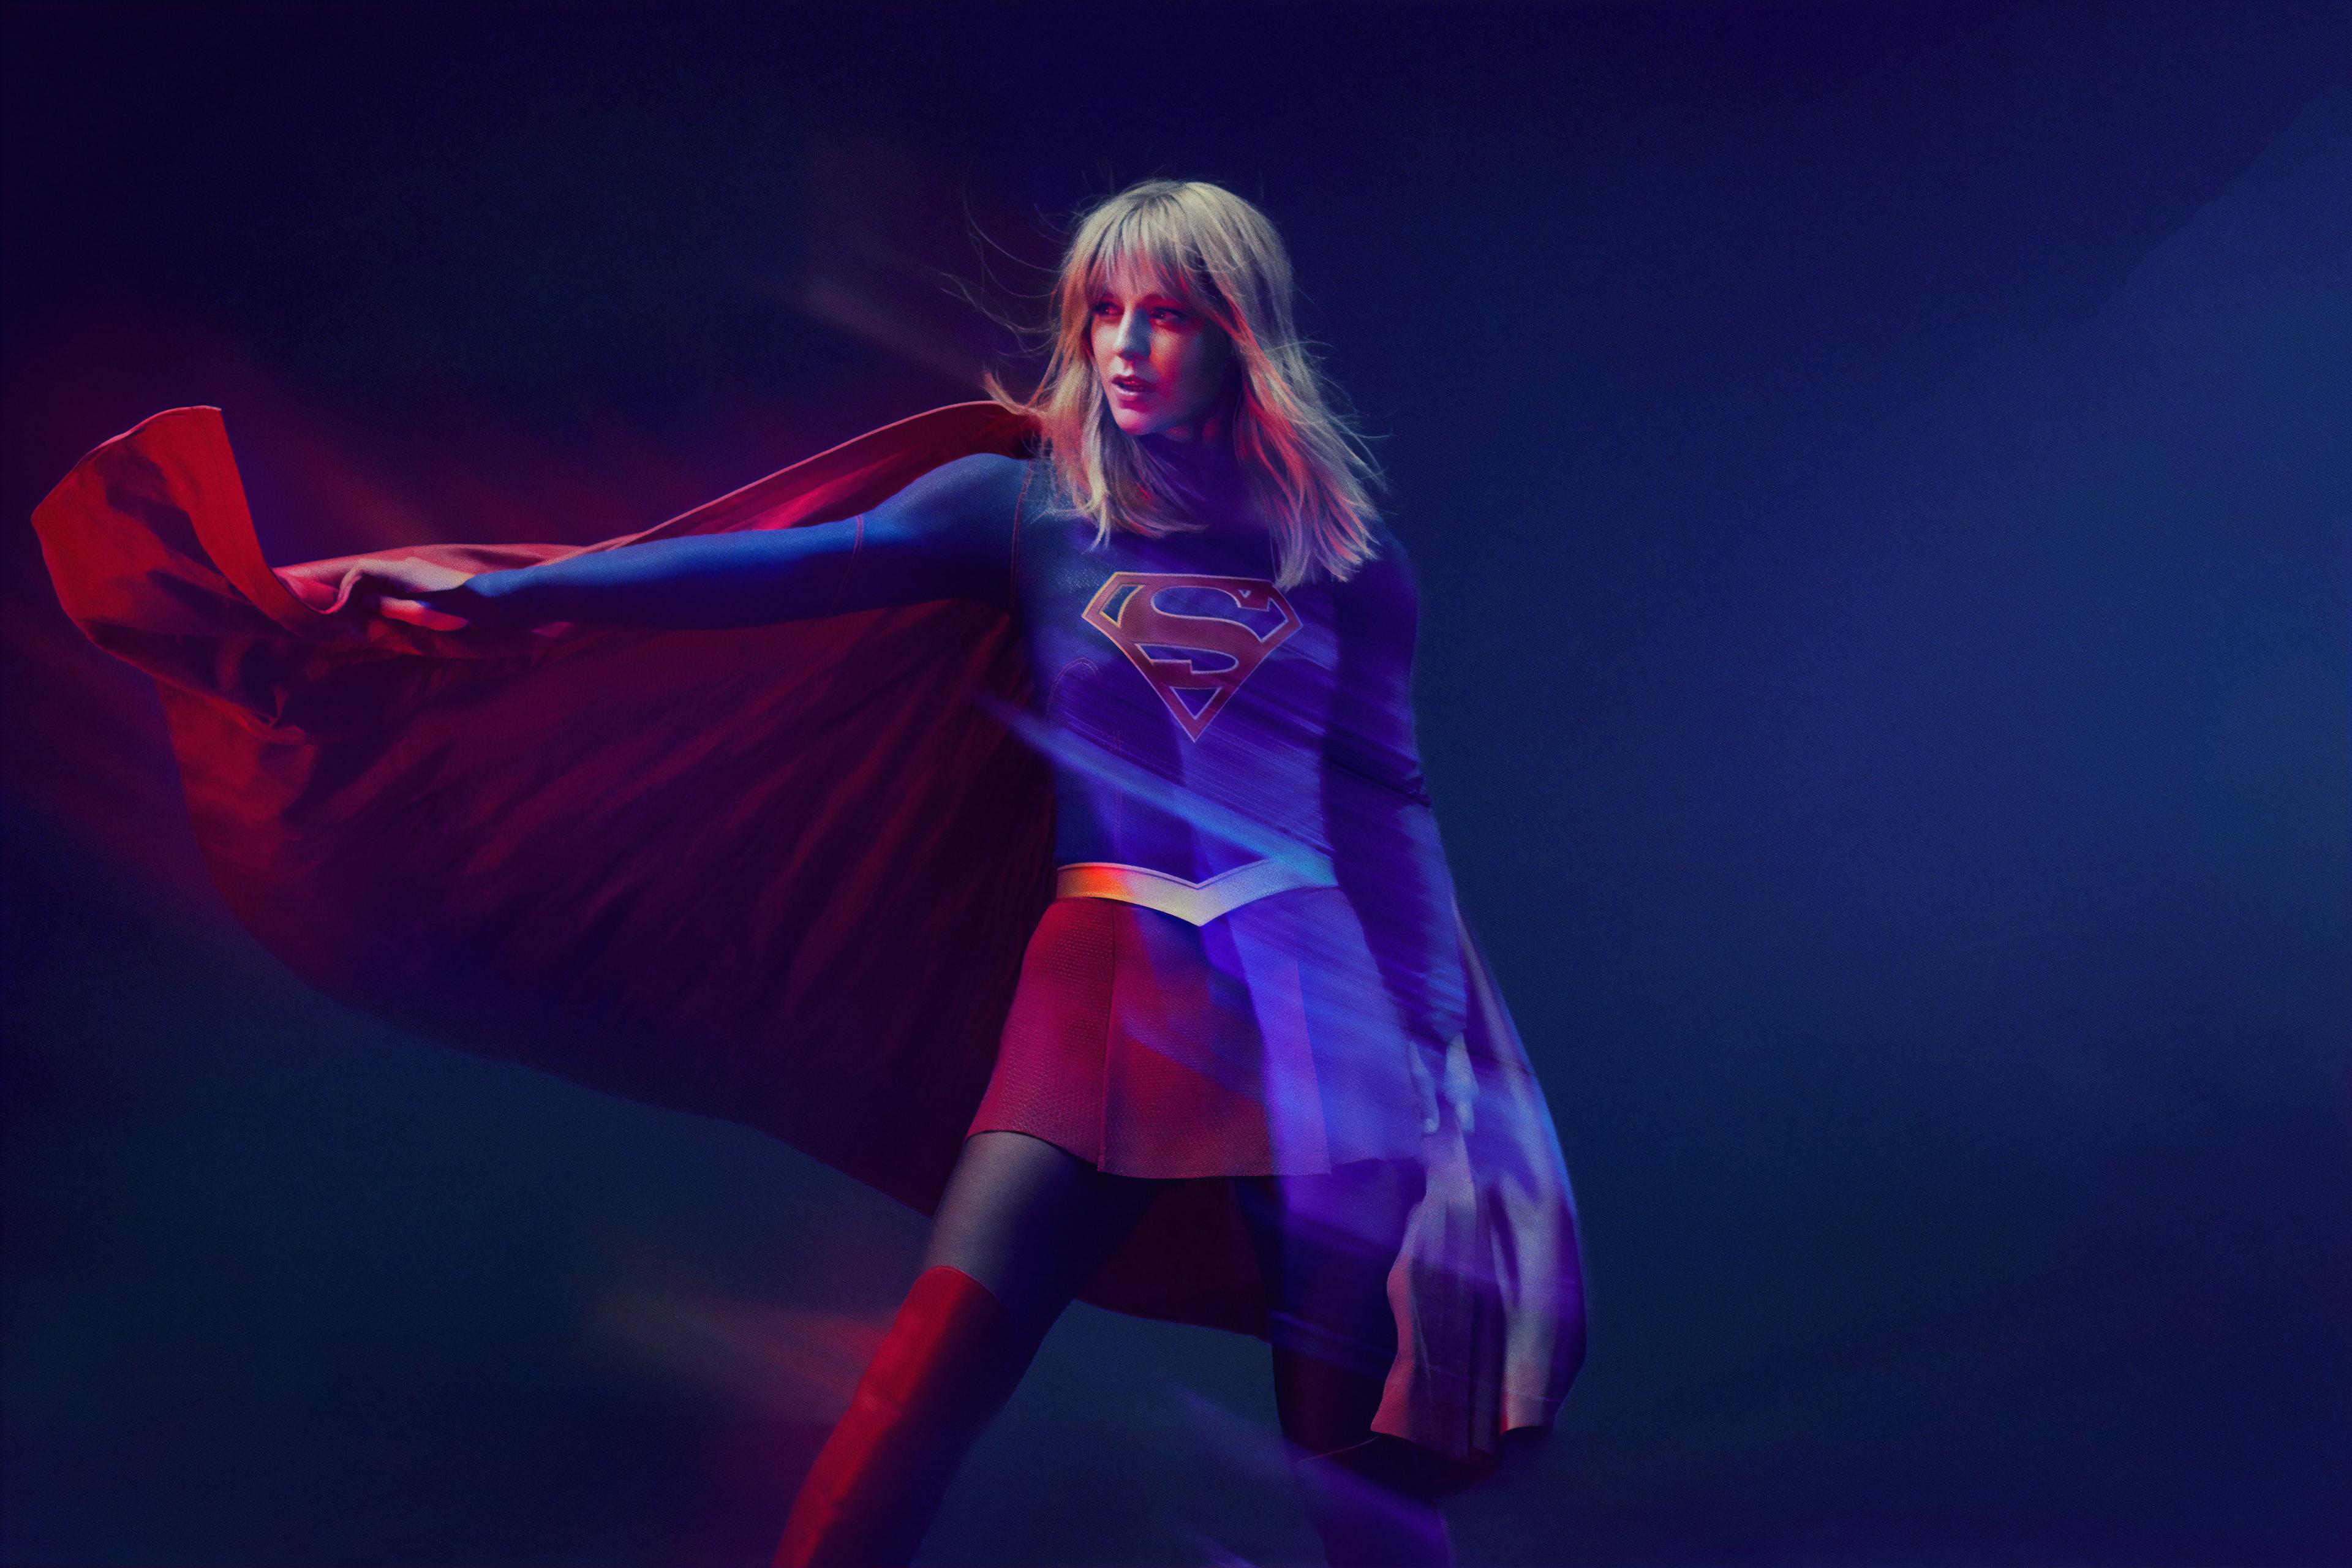 supergirl season 5 1577915255 - Supergirl Season 5 -